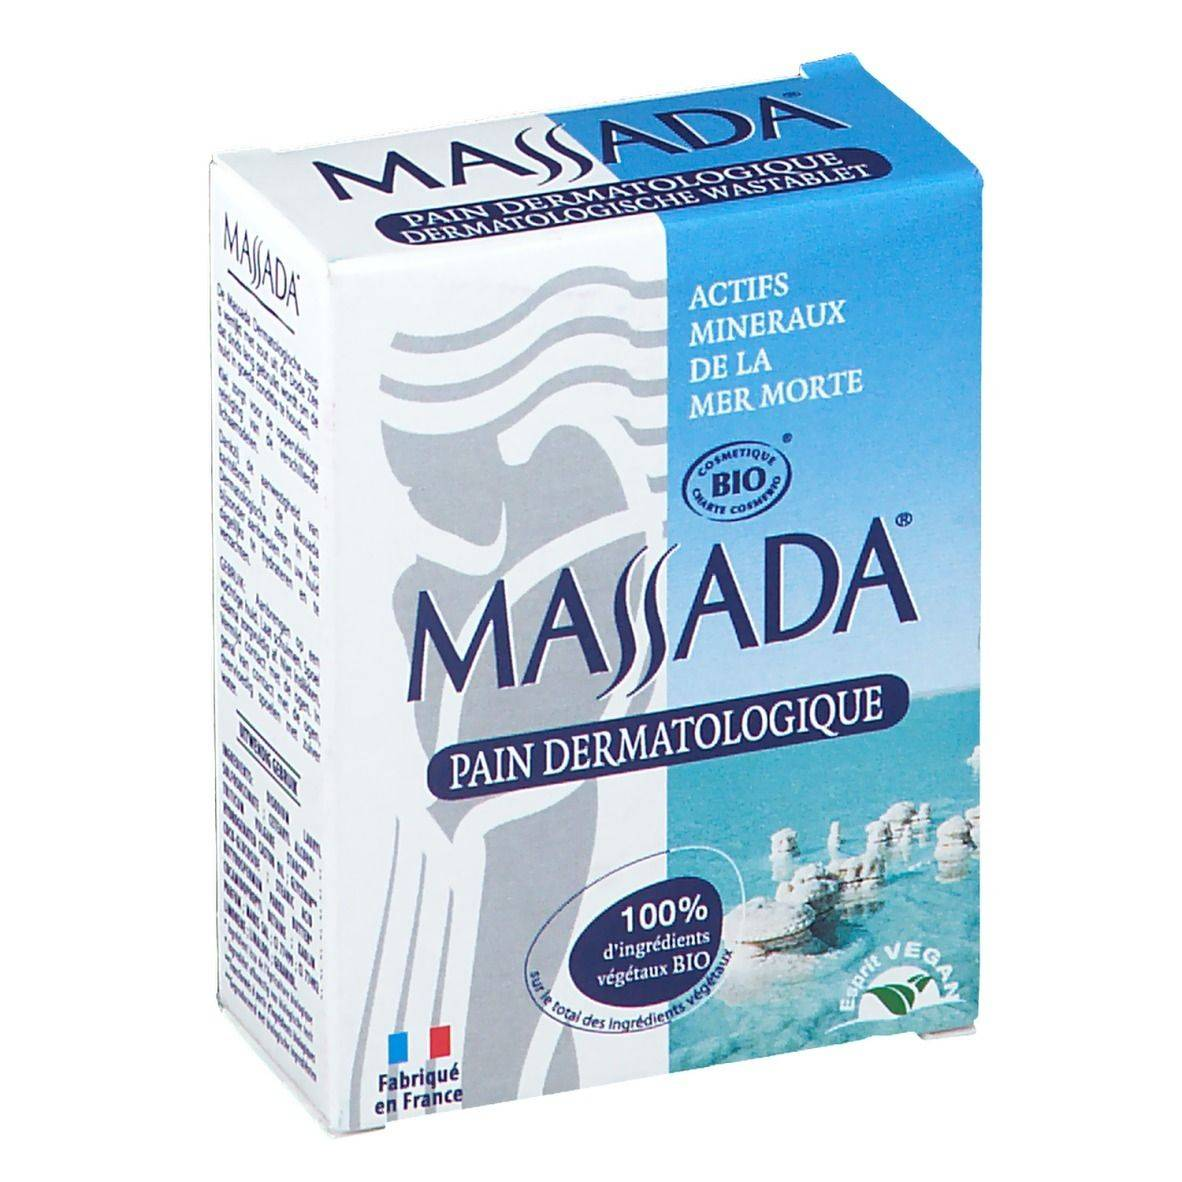 Massada® Pain dermatologique g savon